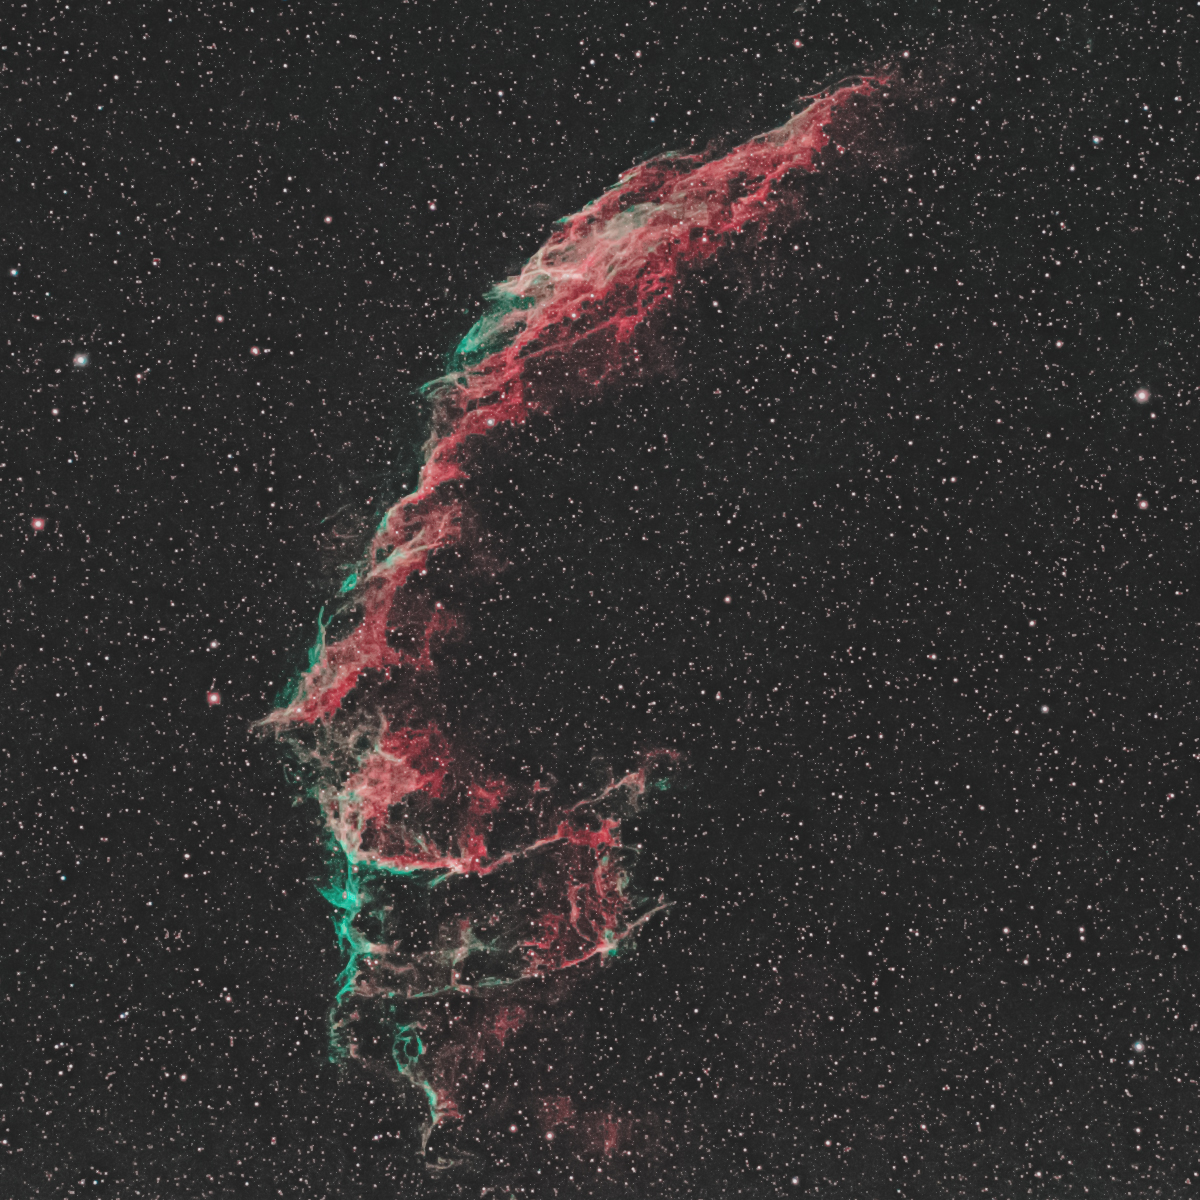 20190817-NGC6992-5-Veil-nebula